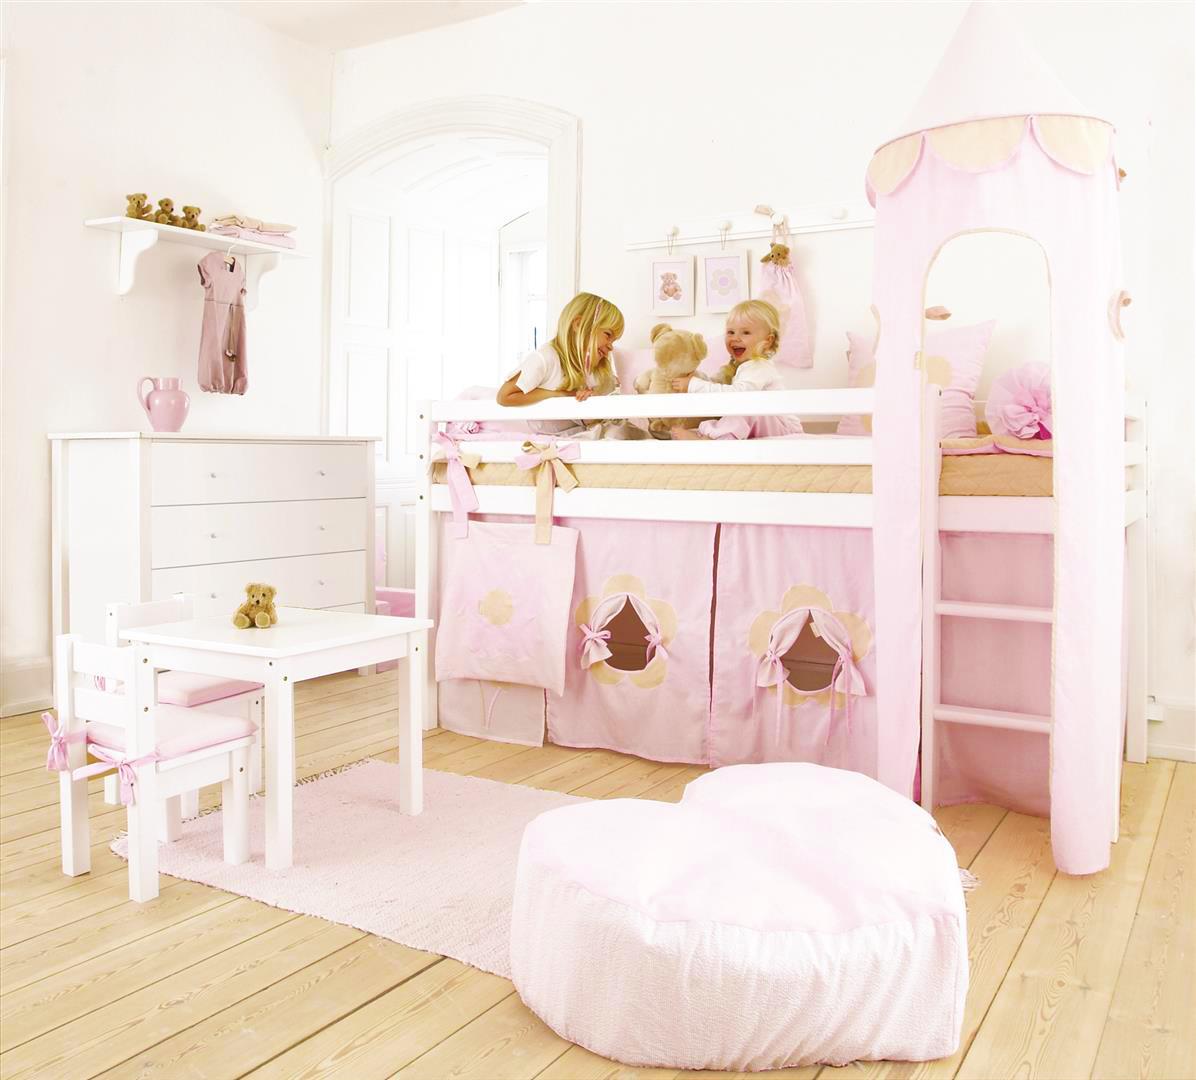 Comment Avoir Une Chambre Propre guide pratique pour aménager sa chambre pour 2 enfants